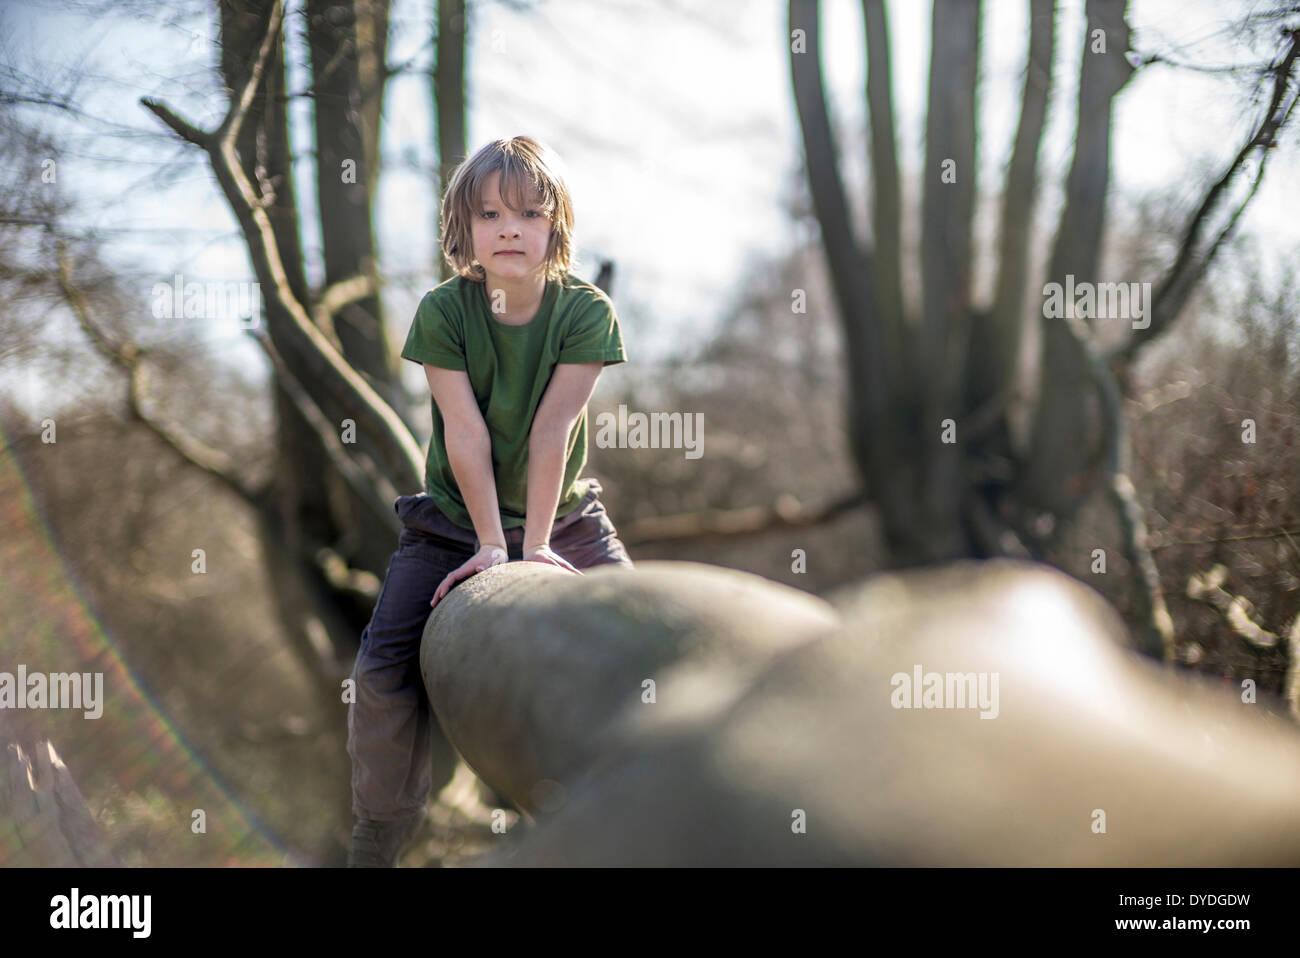 Los siete años de edad subir a un árbol. Imagen De Stock